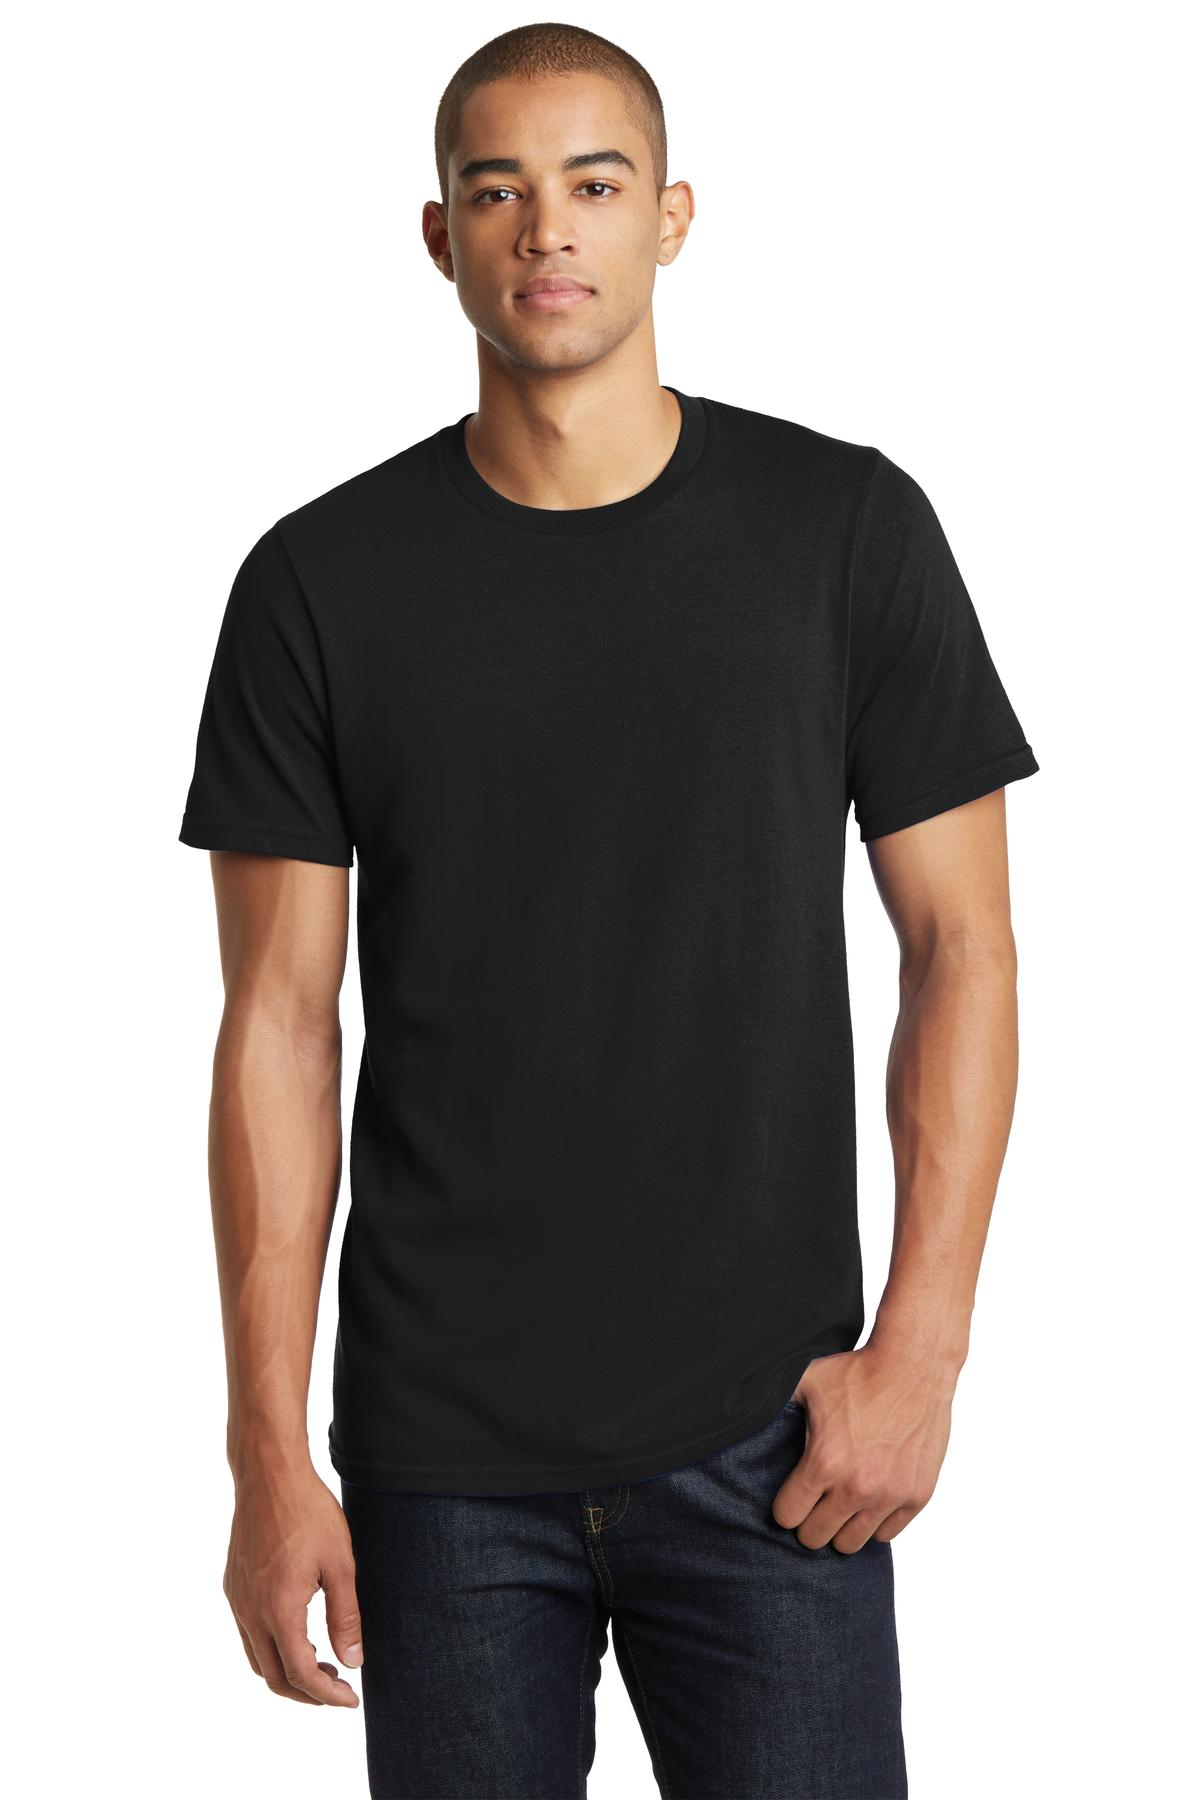 T-Shirts-Juniors-Young-Men-66